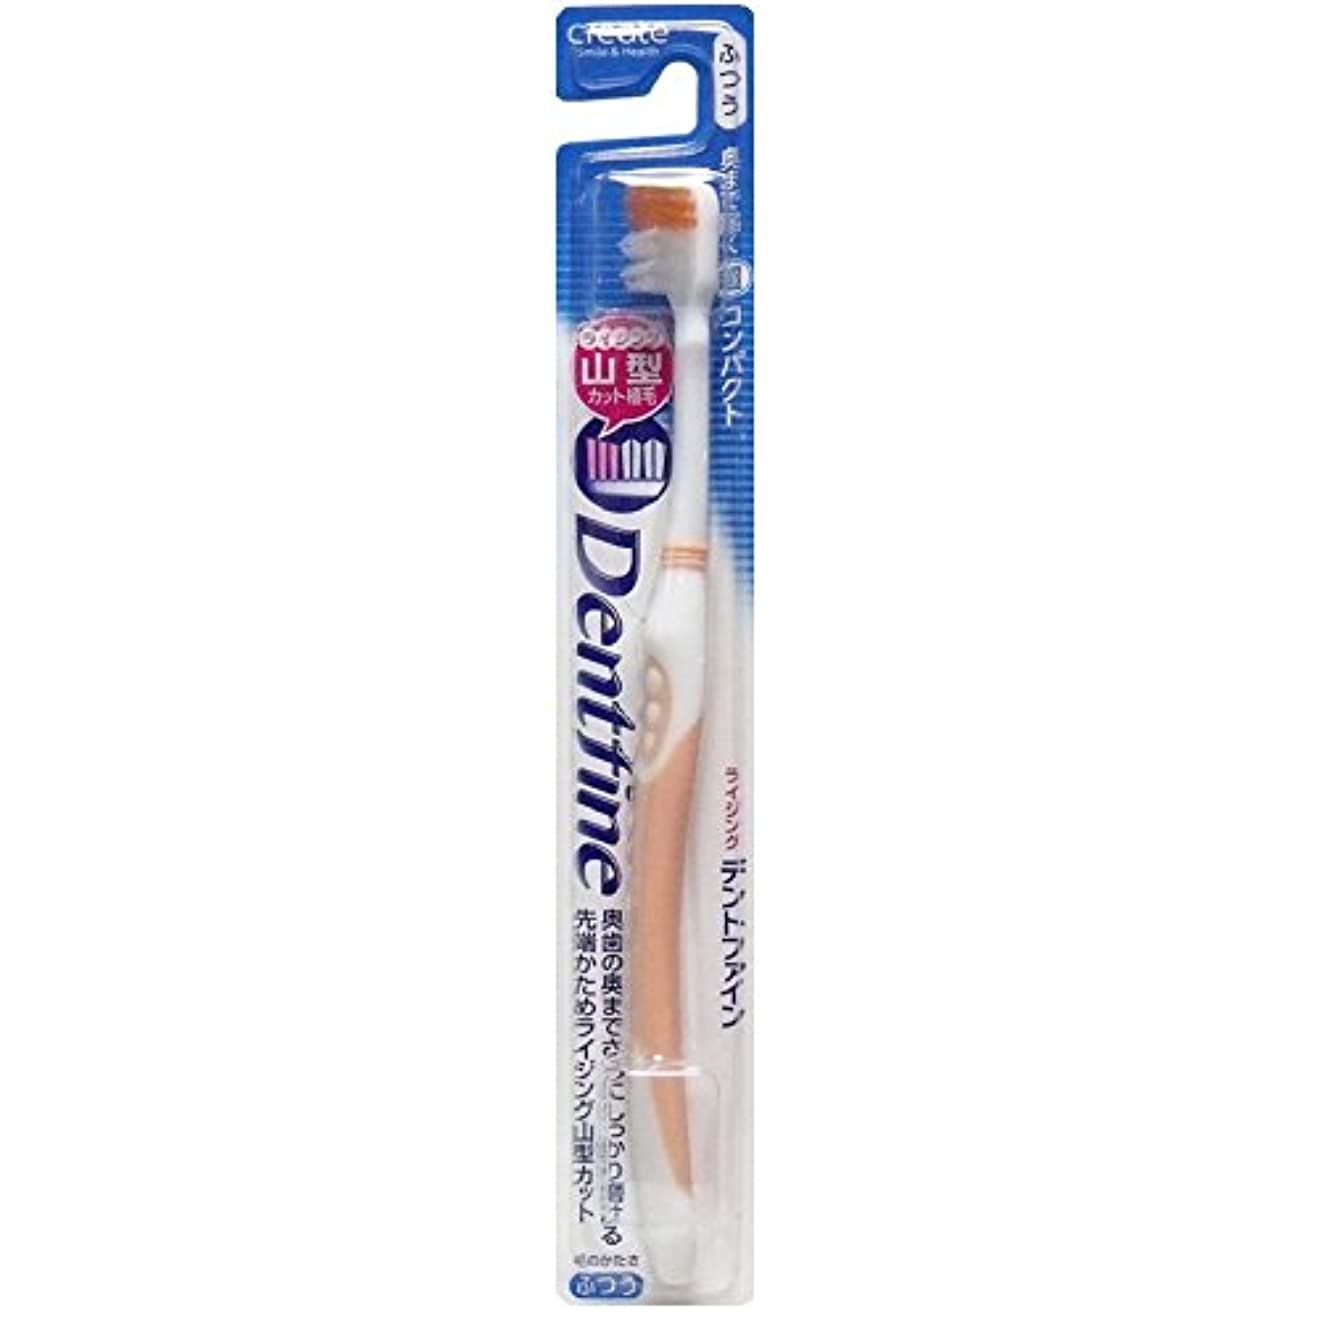 サリー保証気分が良いデントファイン ピュアスタイル 山切りカット 歯ブラシ ふつう 1本:オレンジ